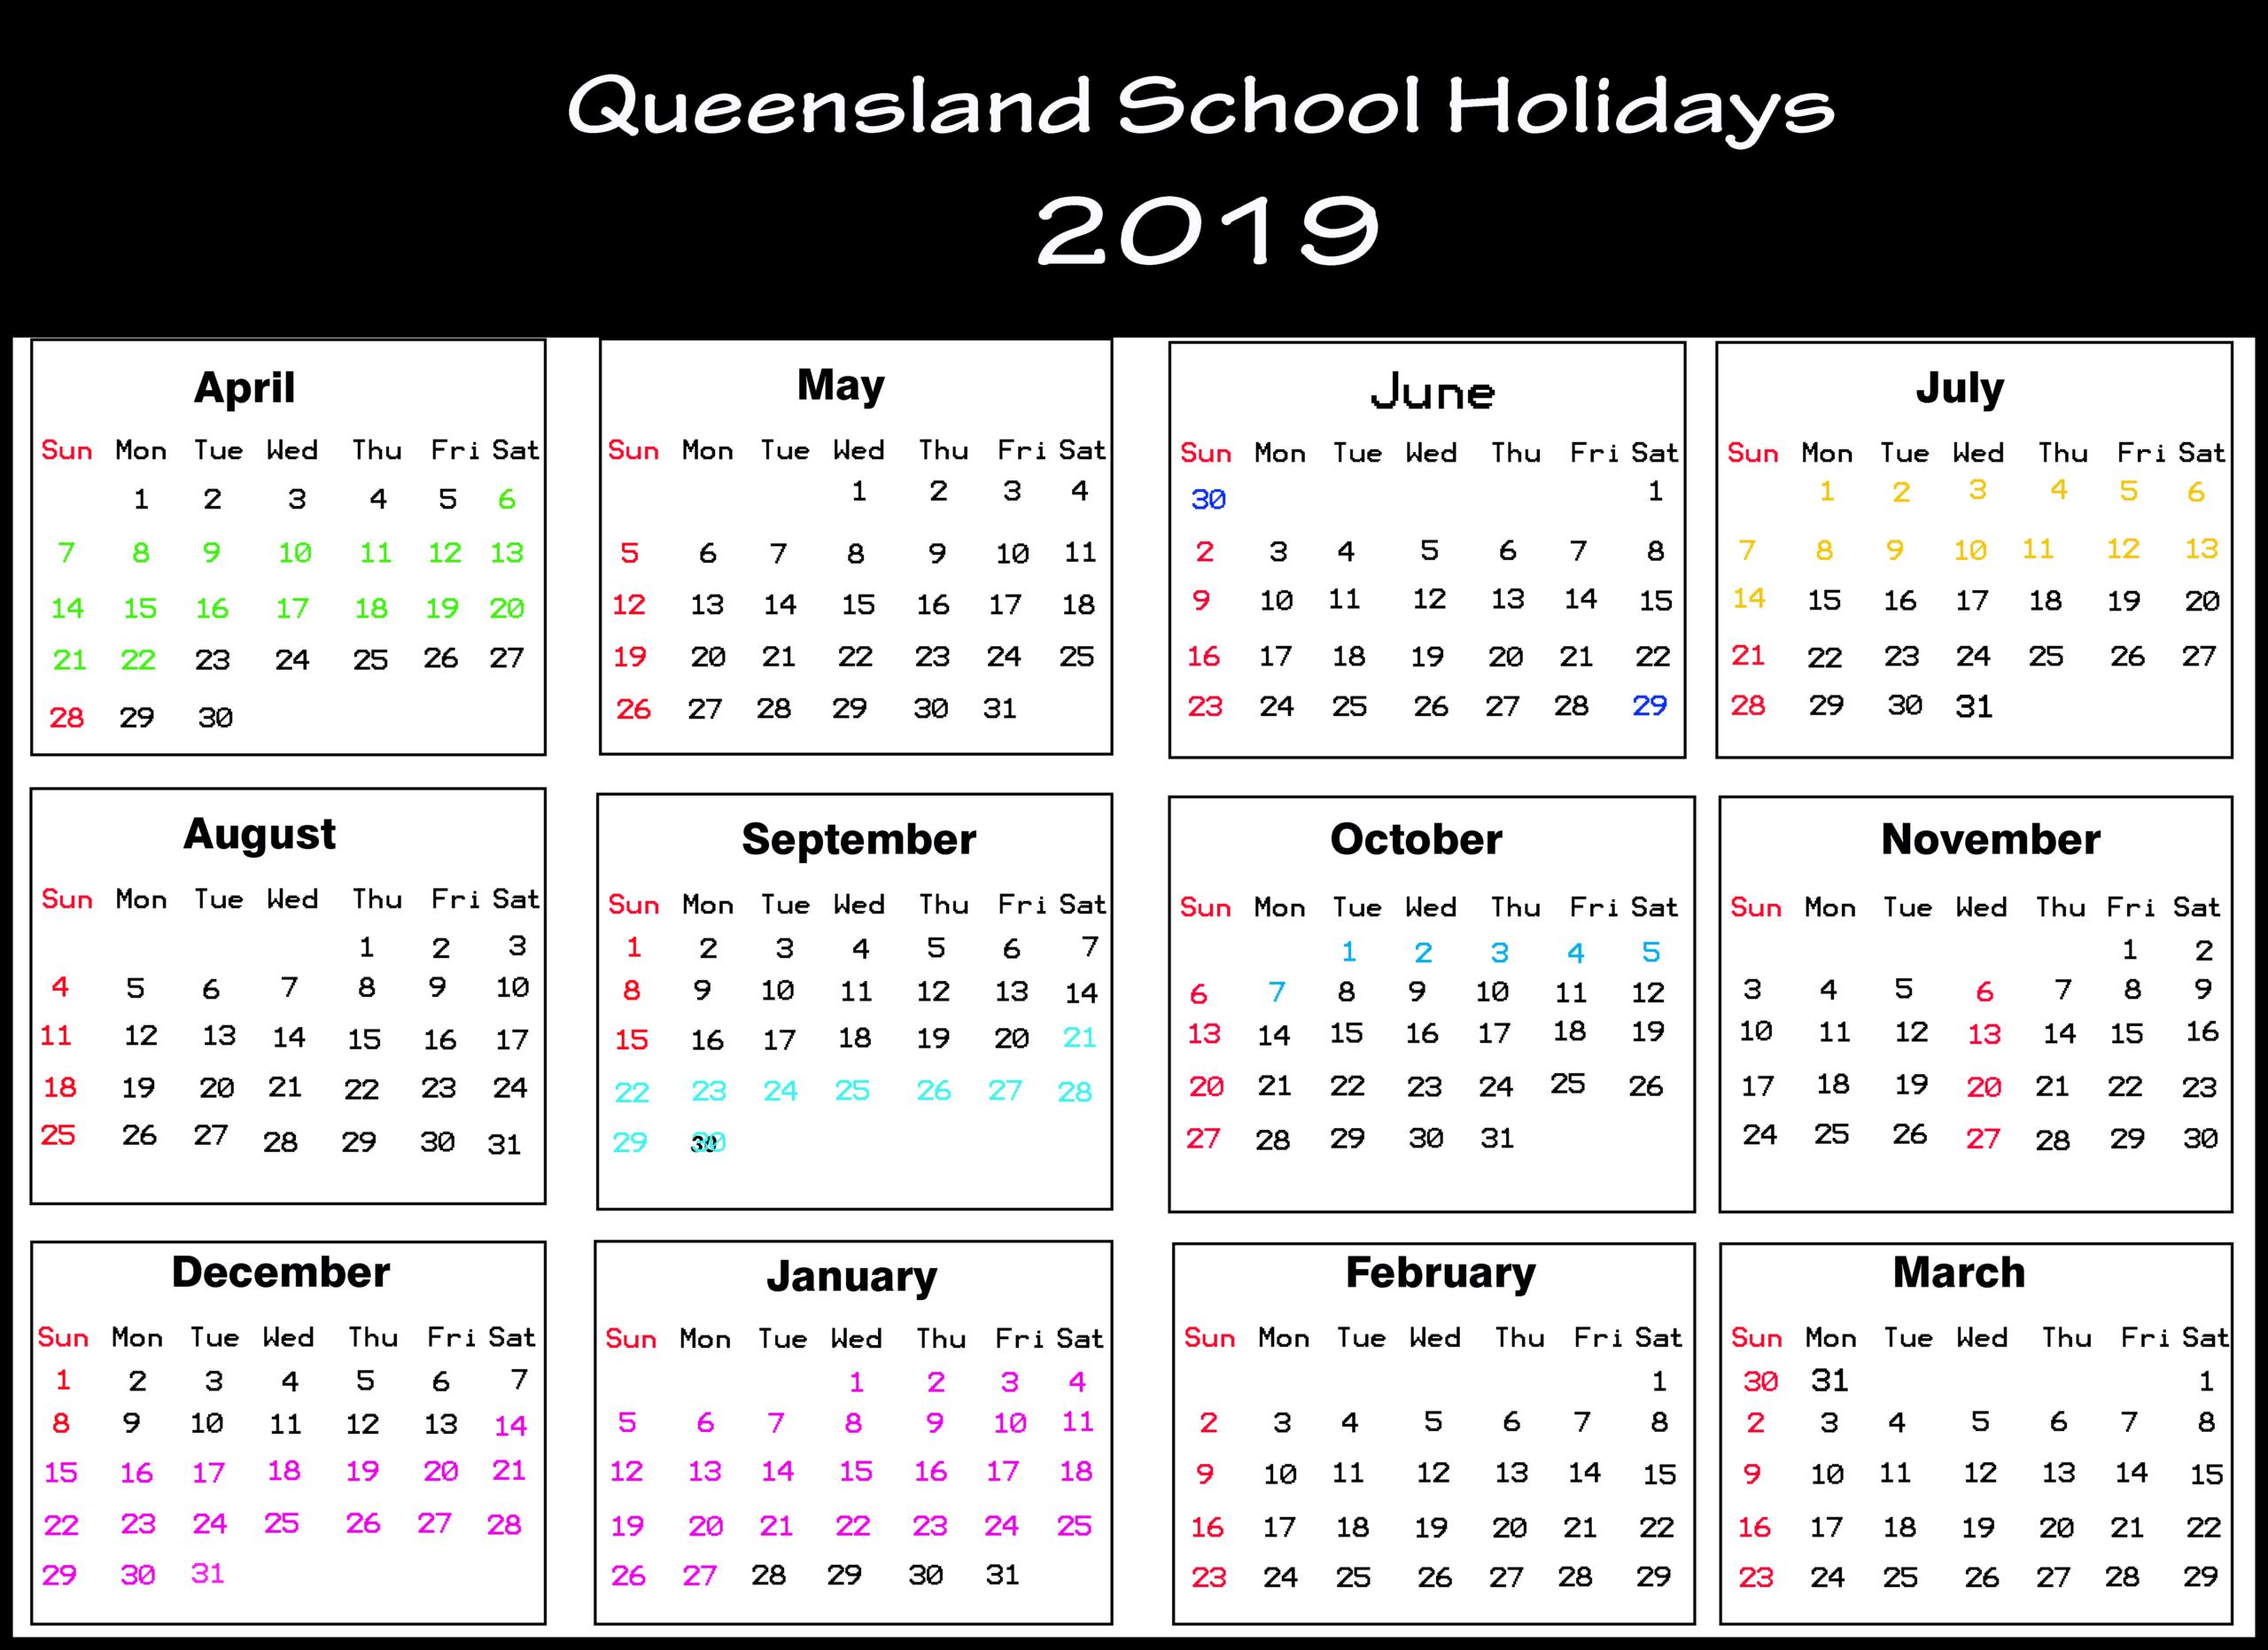 Qld School Holidays Calendar 2019 [Holiday Dates 2019]